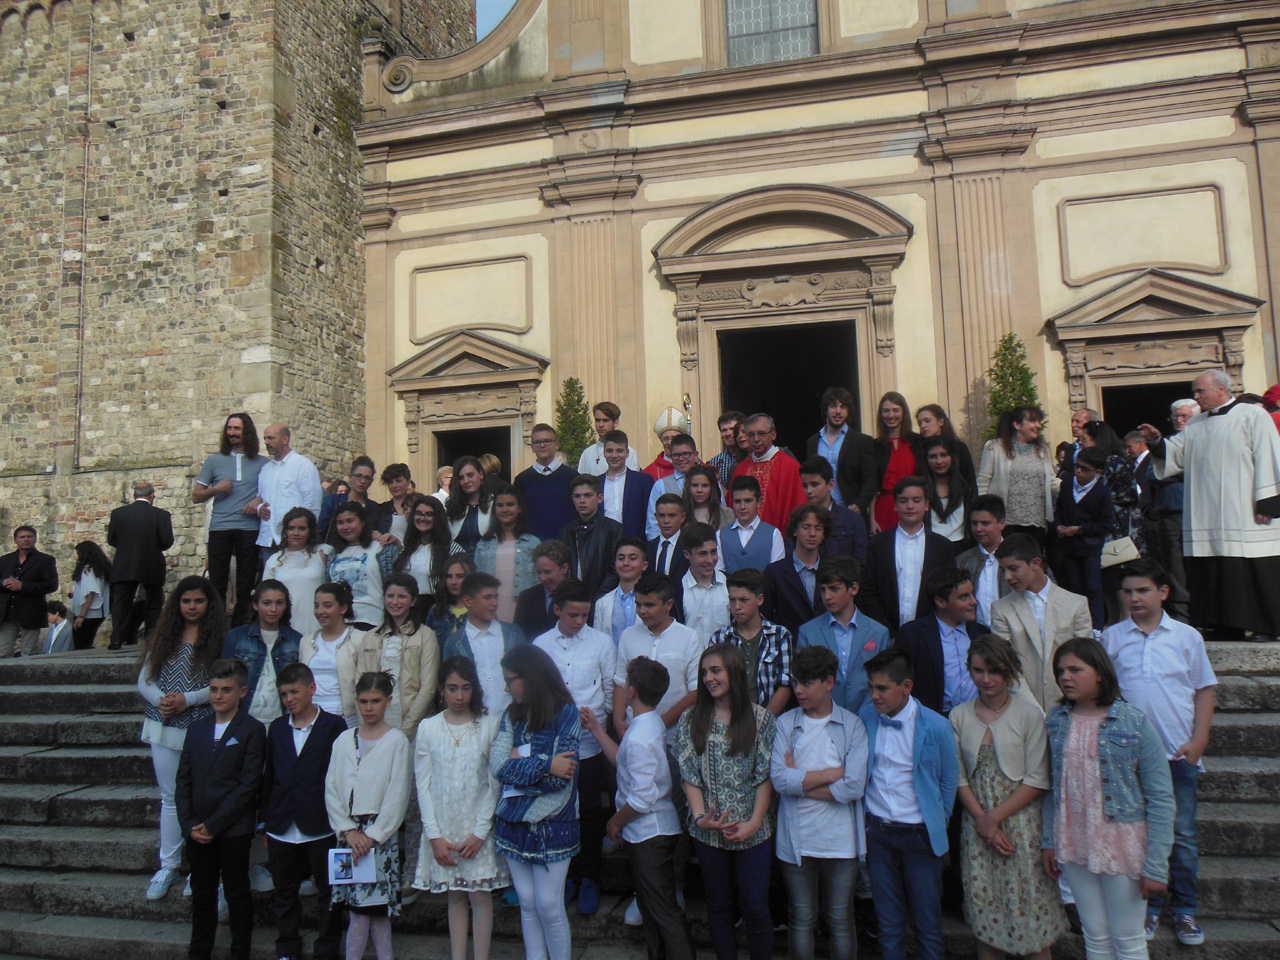 La Cresima ricevuta dal vescovo di Piacenza-Bobbio mons. Gianni Ambrosio, sabato 4 giugno 2016.